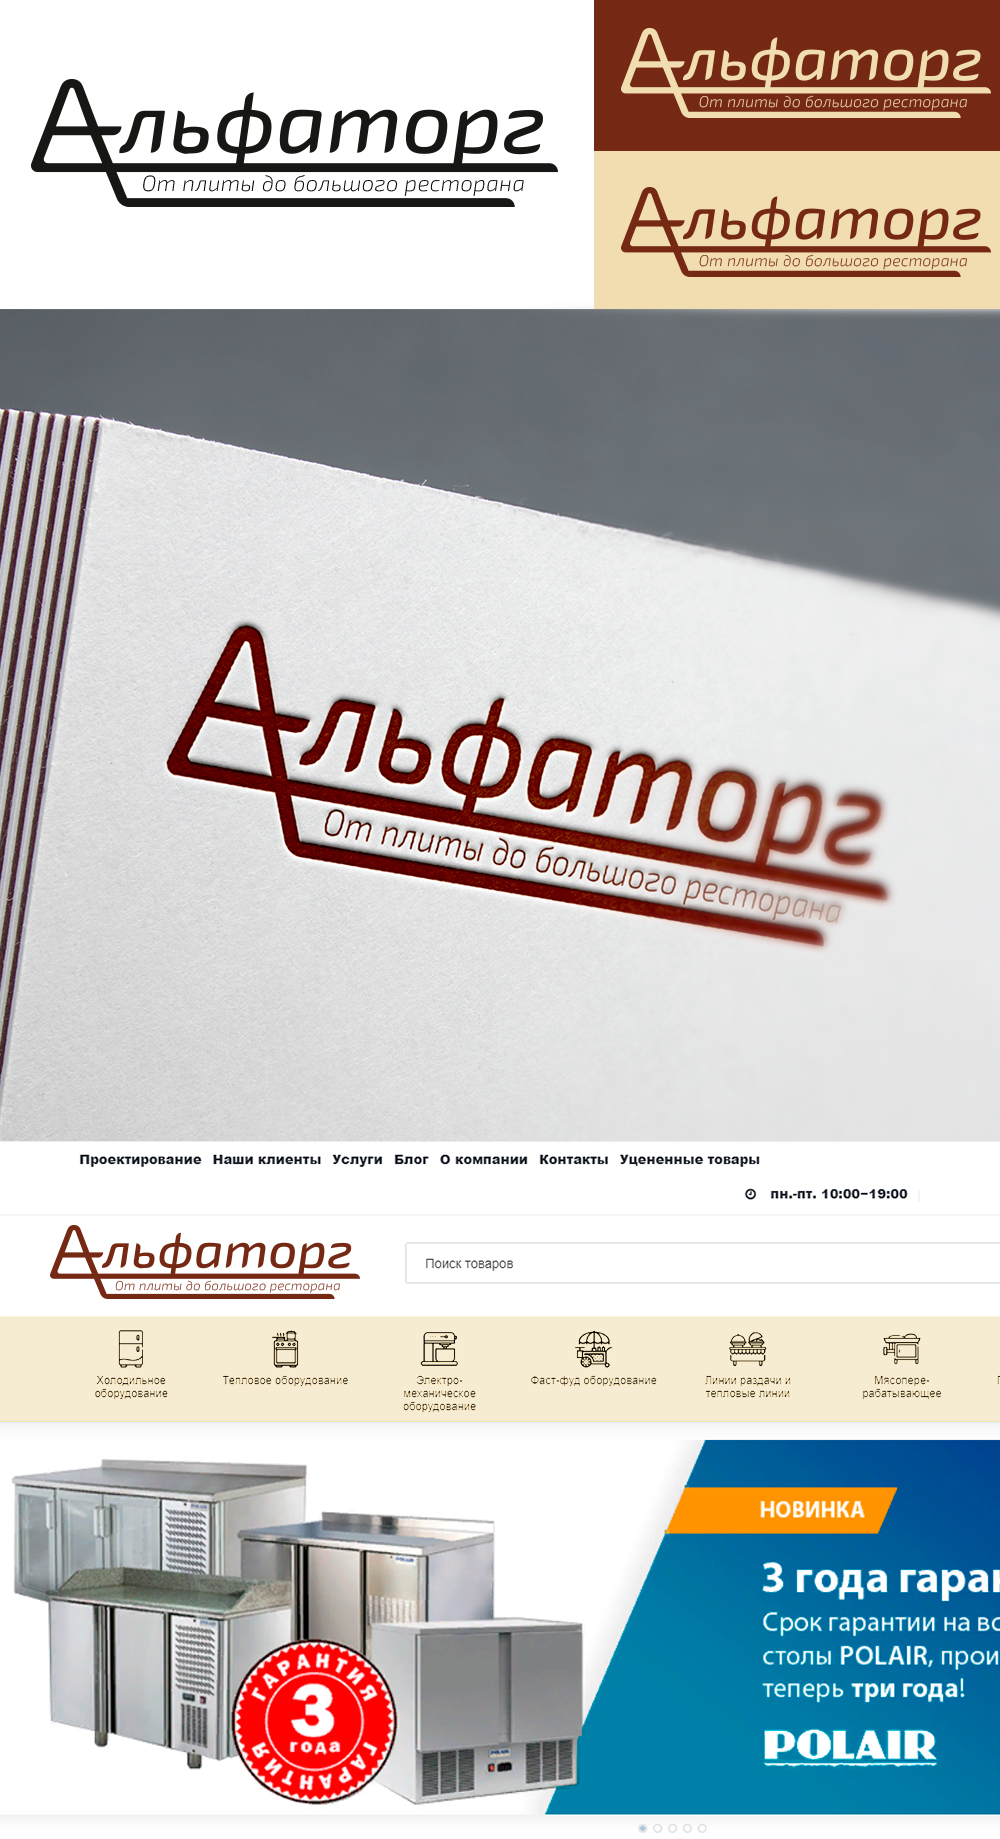 Логотип и фирменный стиль фото f_1965efc8f1e34ae2.jpg